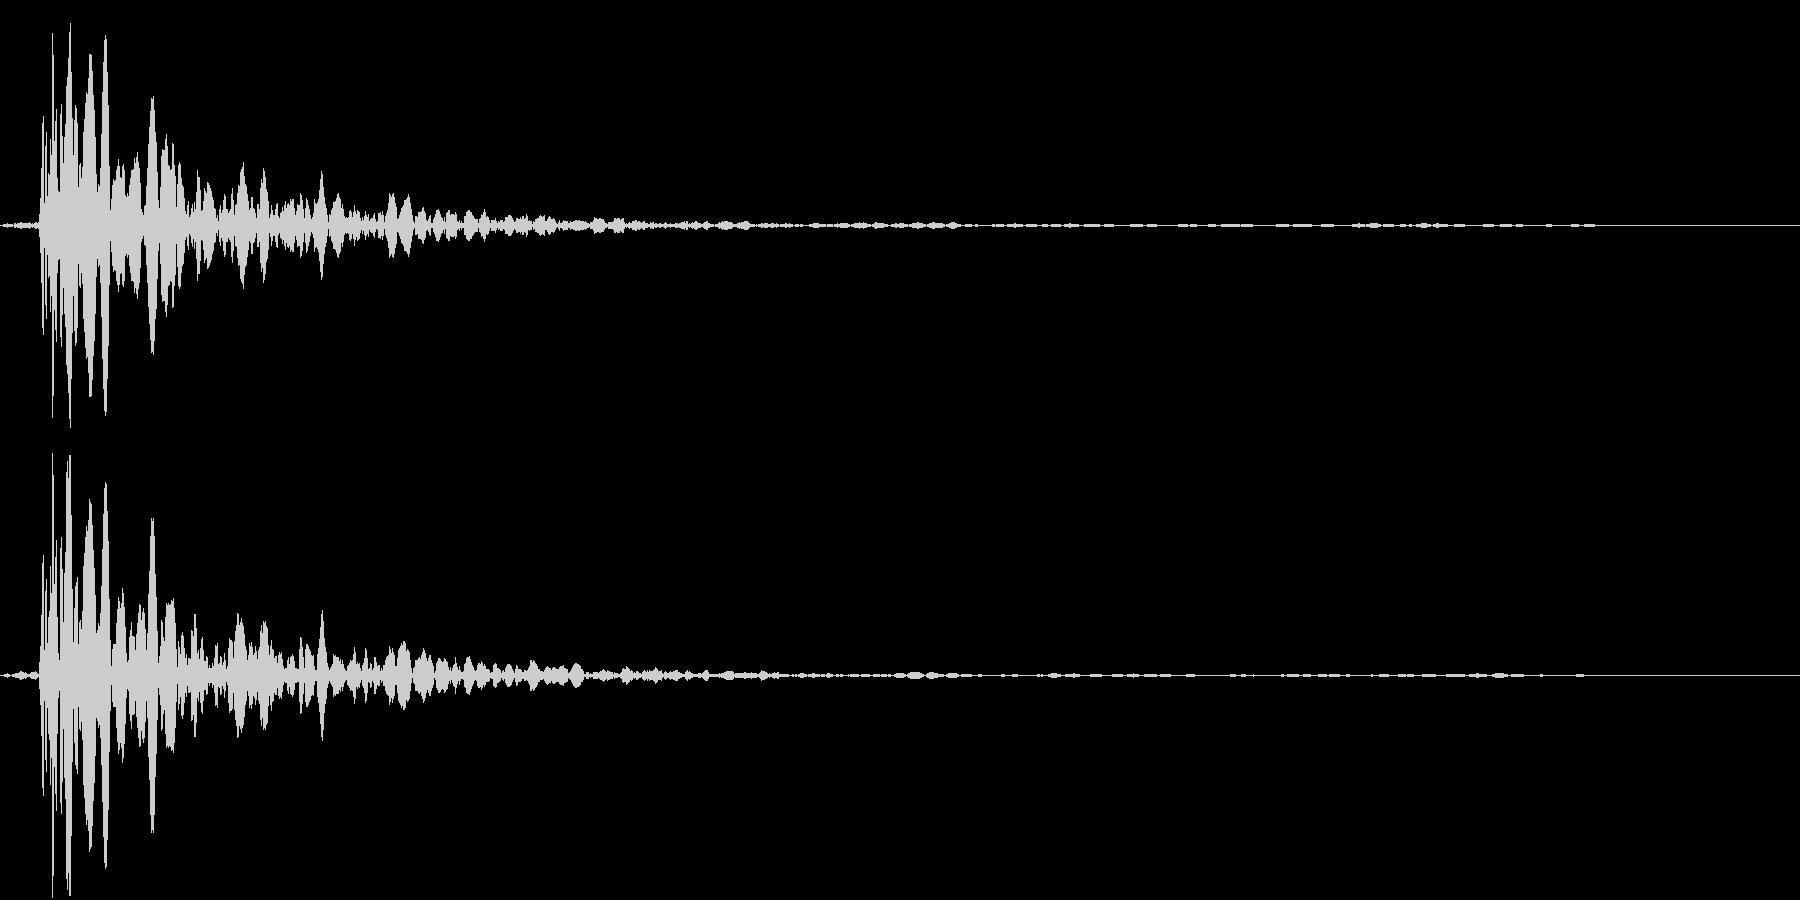 【生録音】蹴る音 キック 再現音 4の未再生の波形